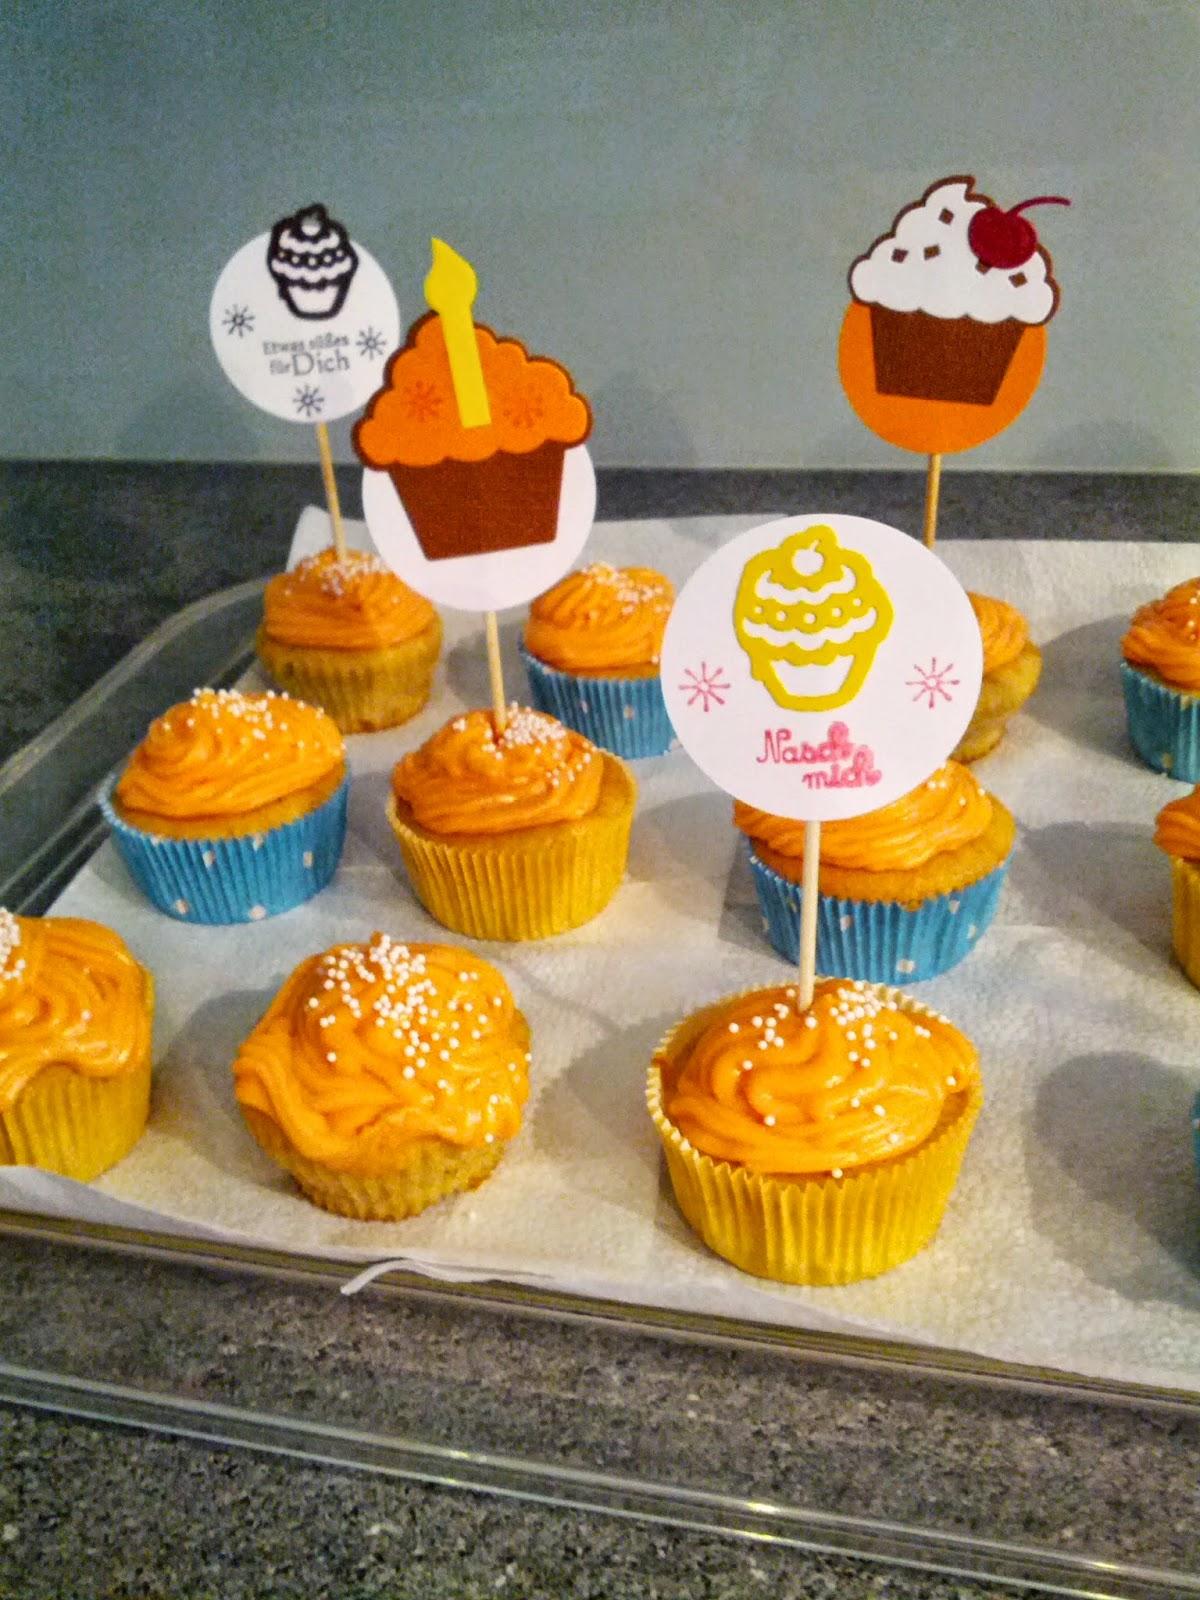 Ziemlich Geburtstag Cupcake Malvorlagen Fotos - Beispiel Business ...